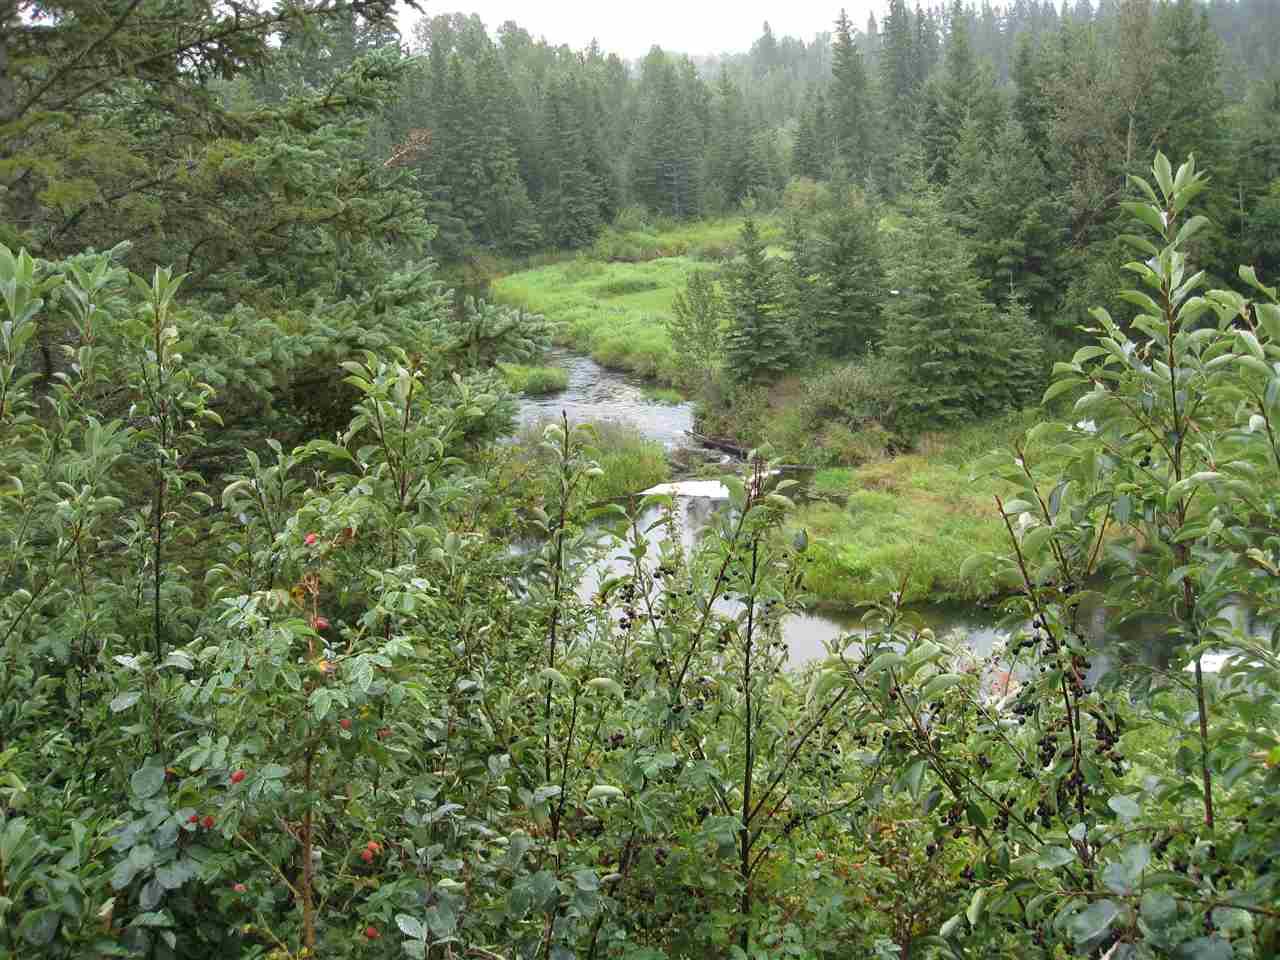 55119a Rge Rd 23, Rural Lac Ste. Anne County, MLS® # E4126743